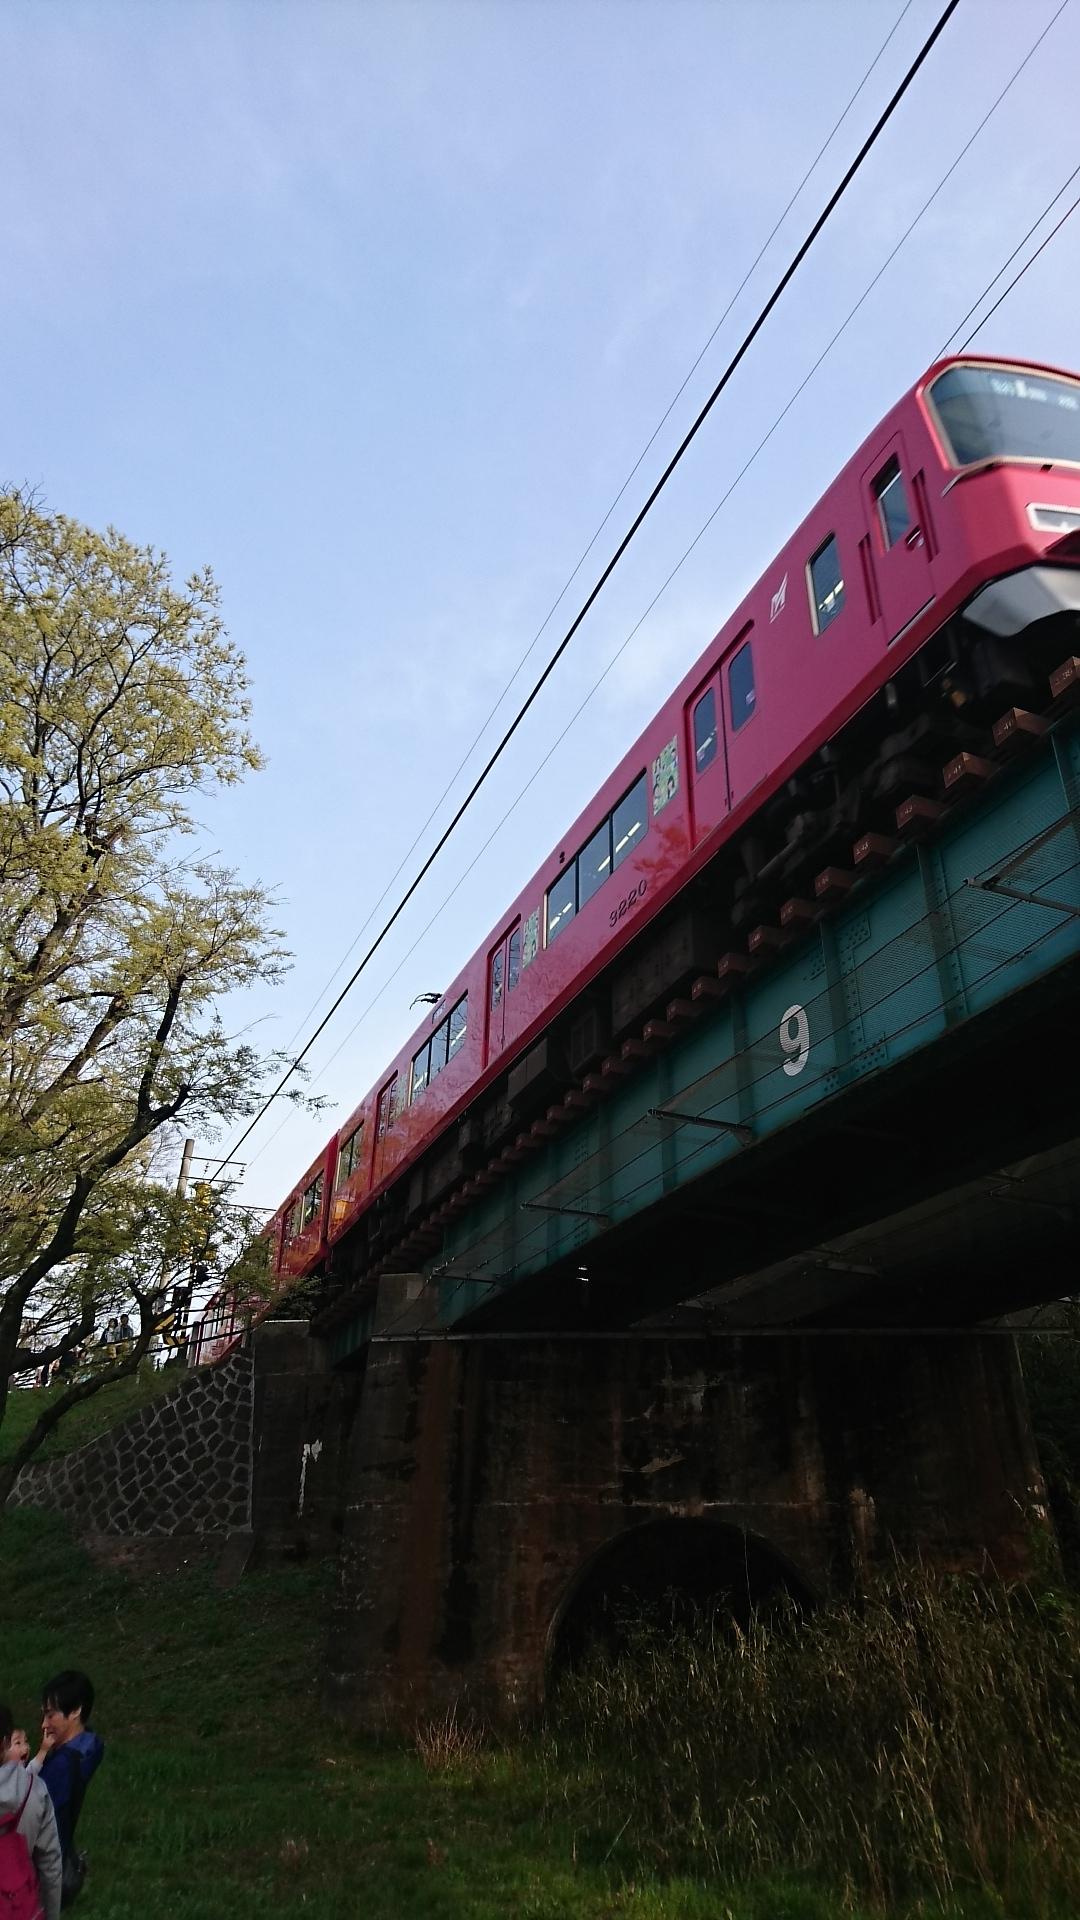 2018.4.1 東岡崎 (21) 菅生川鉄橋 - 豊橋いき急行 1080-1920